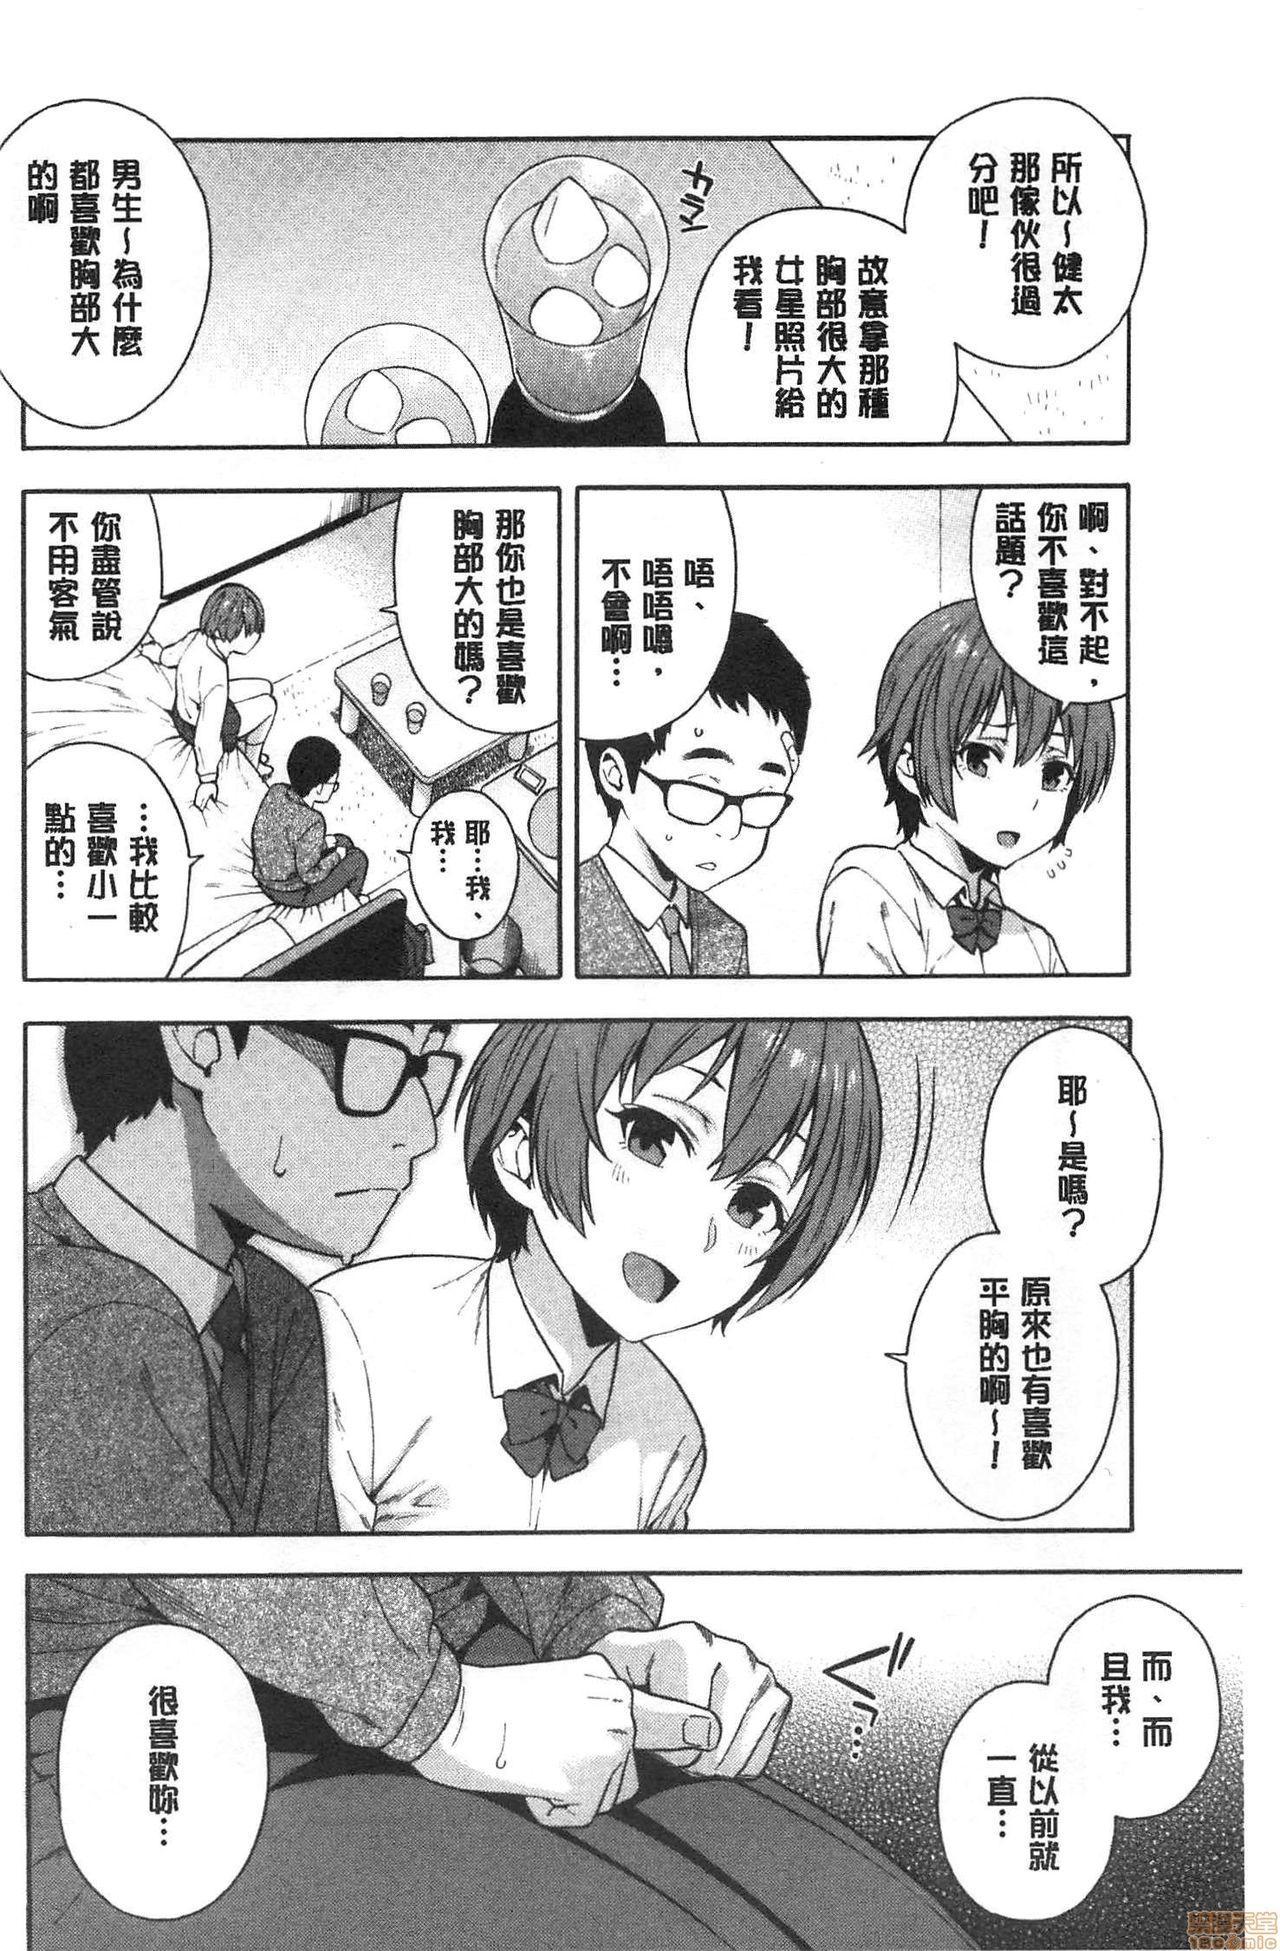 Okashite ageru 162